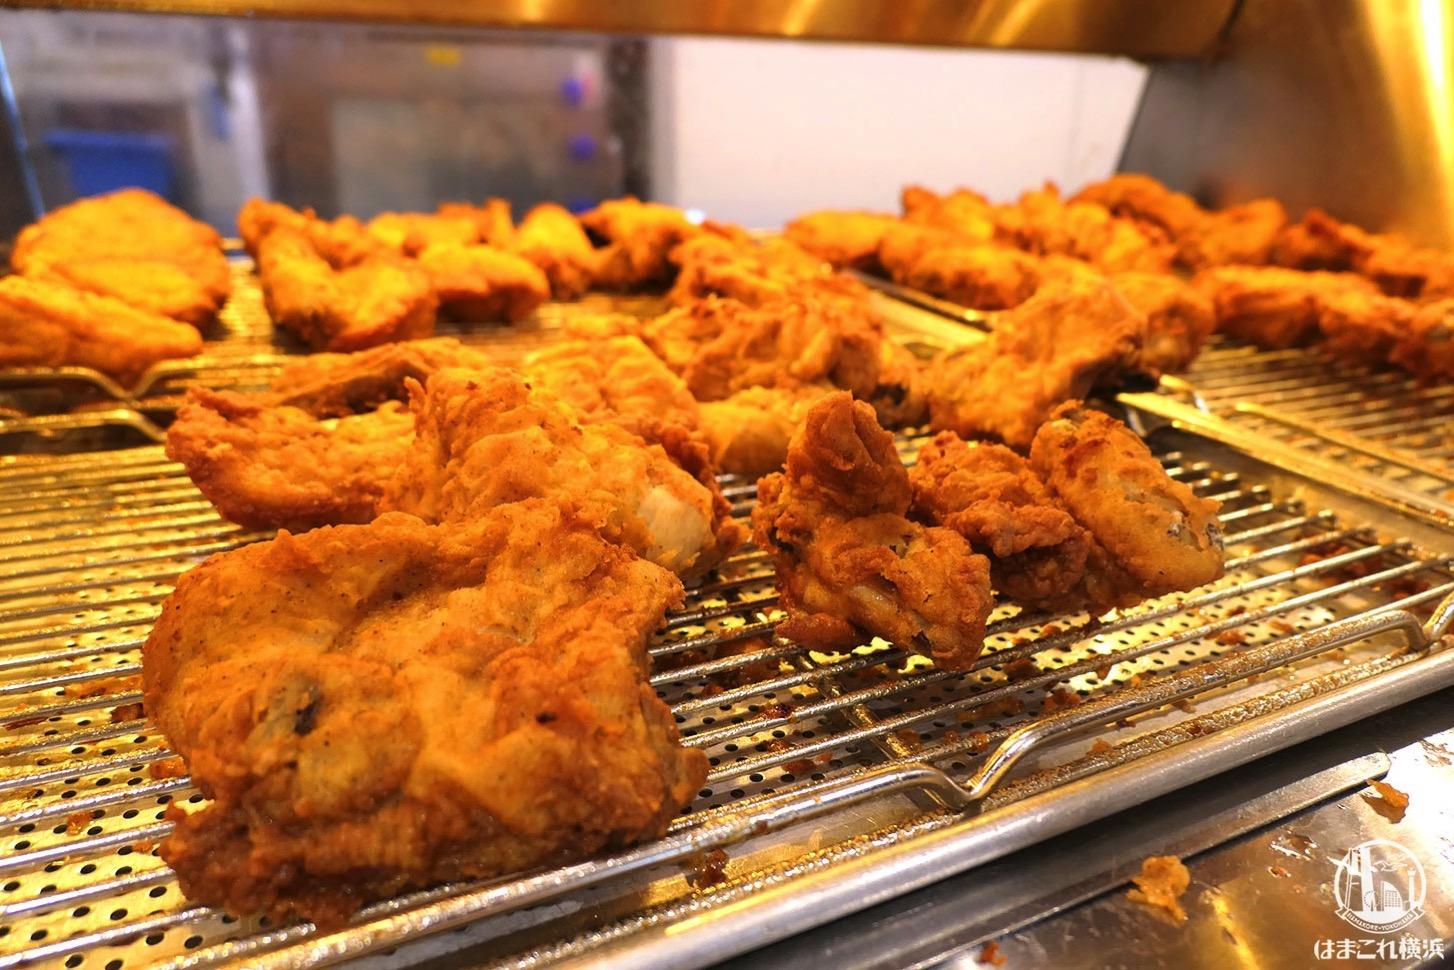 KFCレストラン 南町田 でケンタッキー食べ放題!140組待ちでも満足のメニュー数